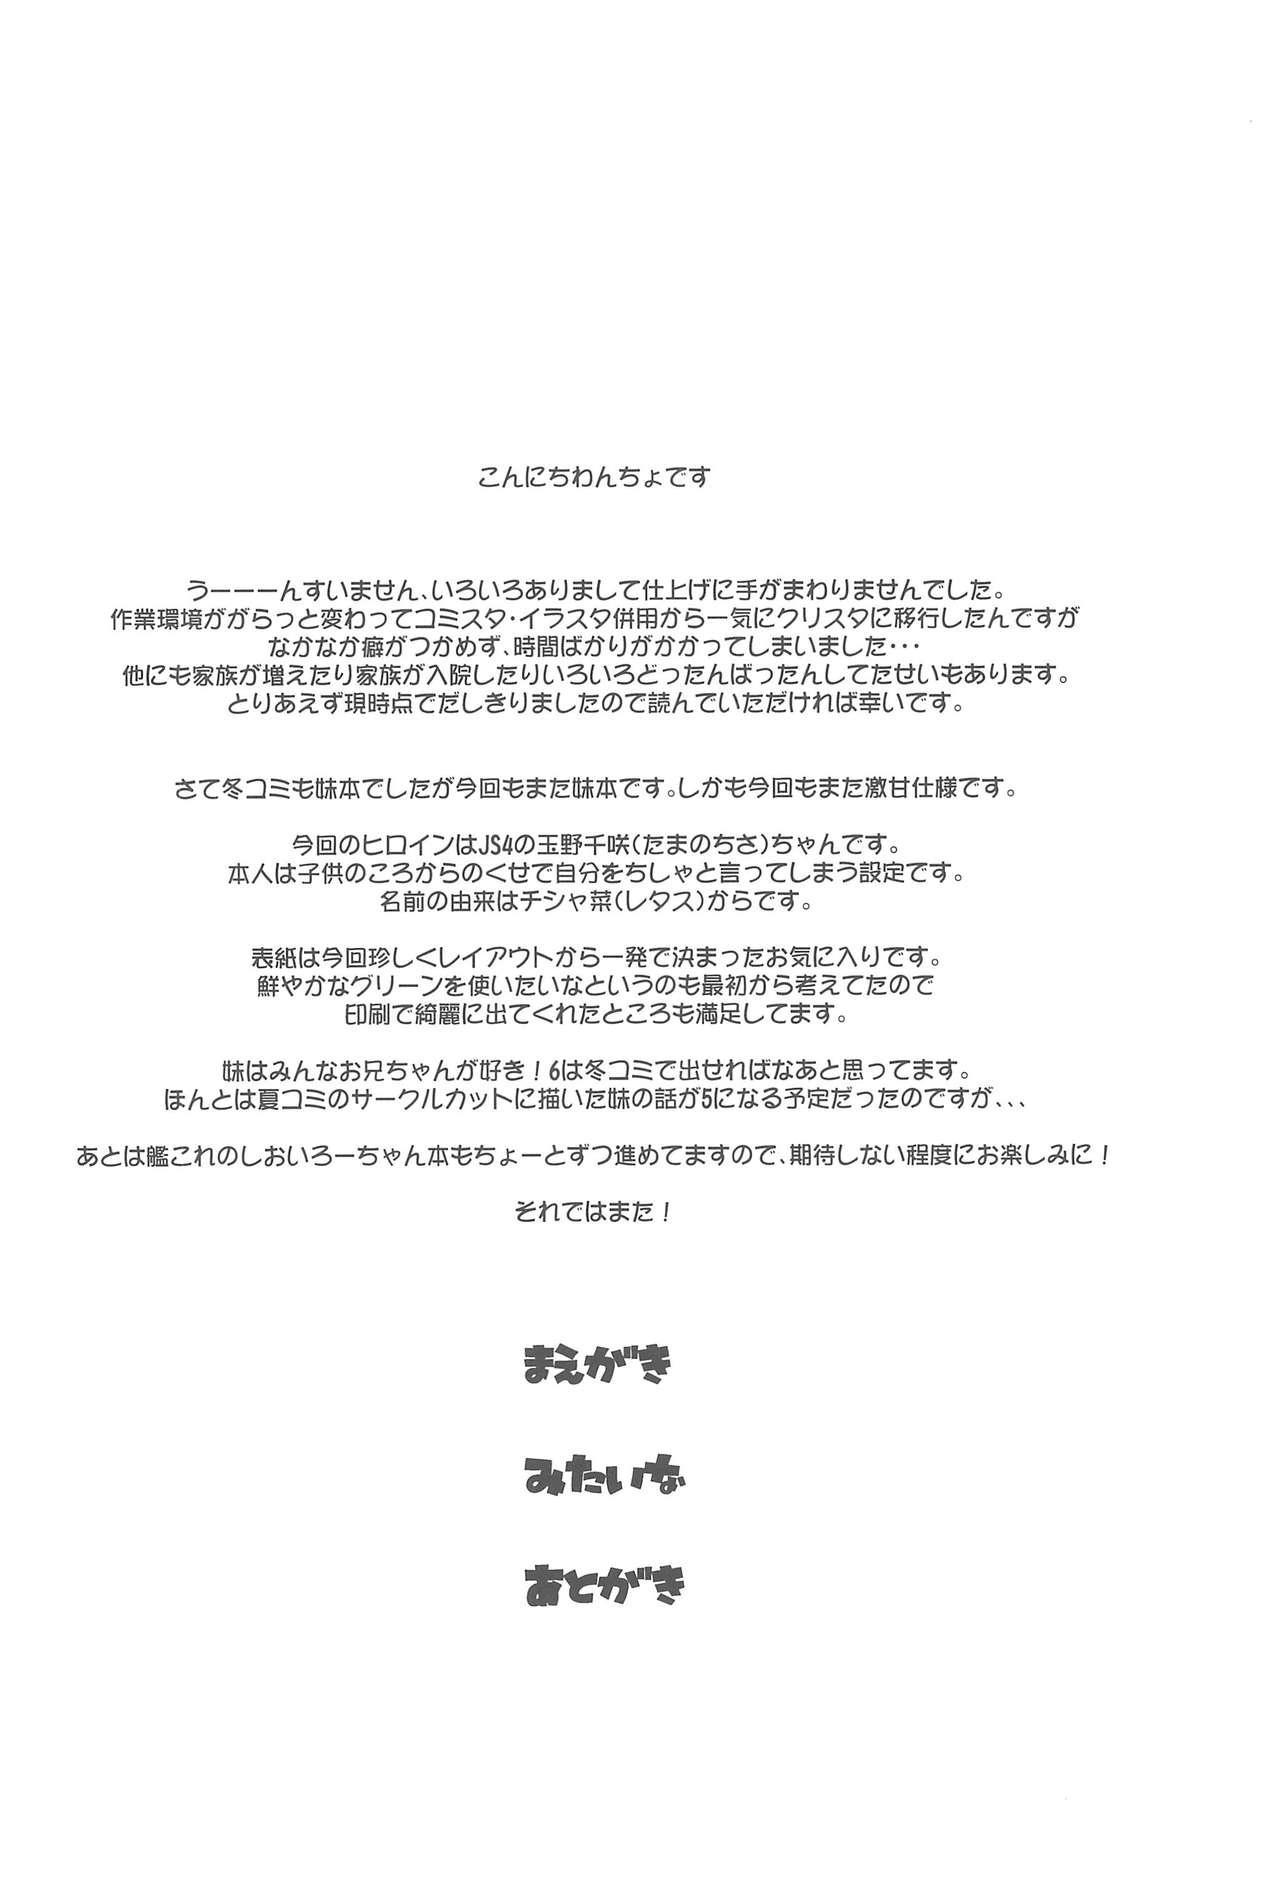 Imouto wa Minna Onii-chan ga Suki! 5 3